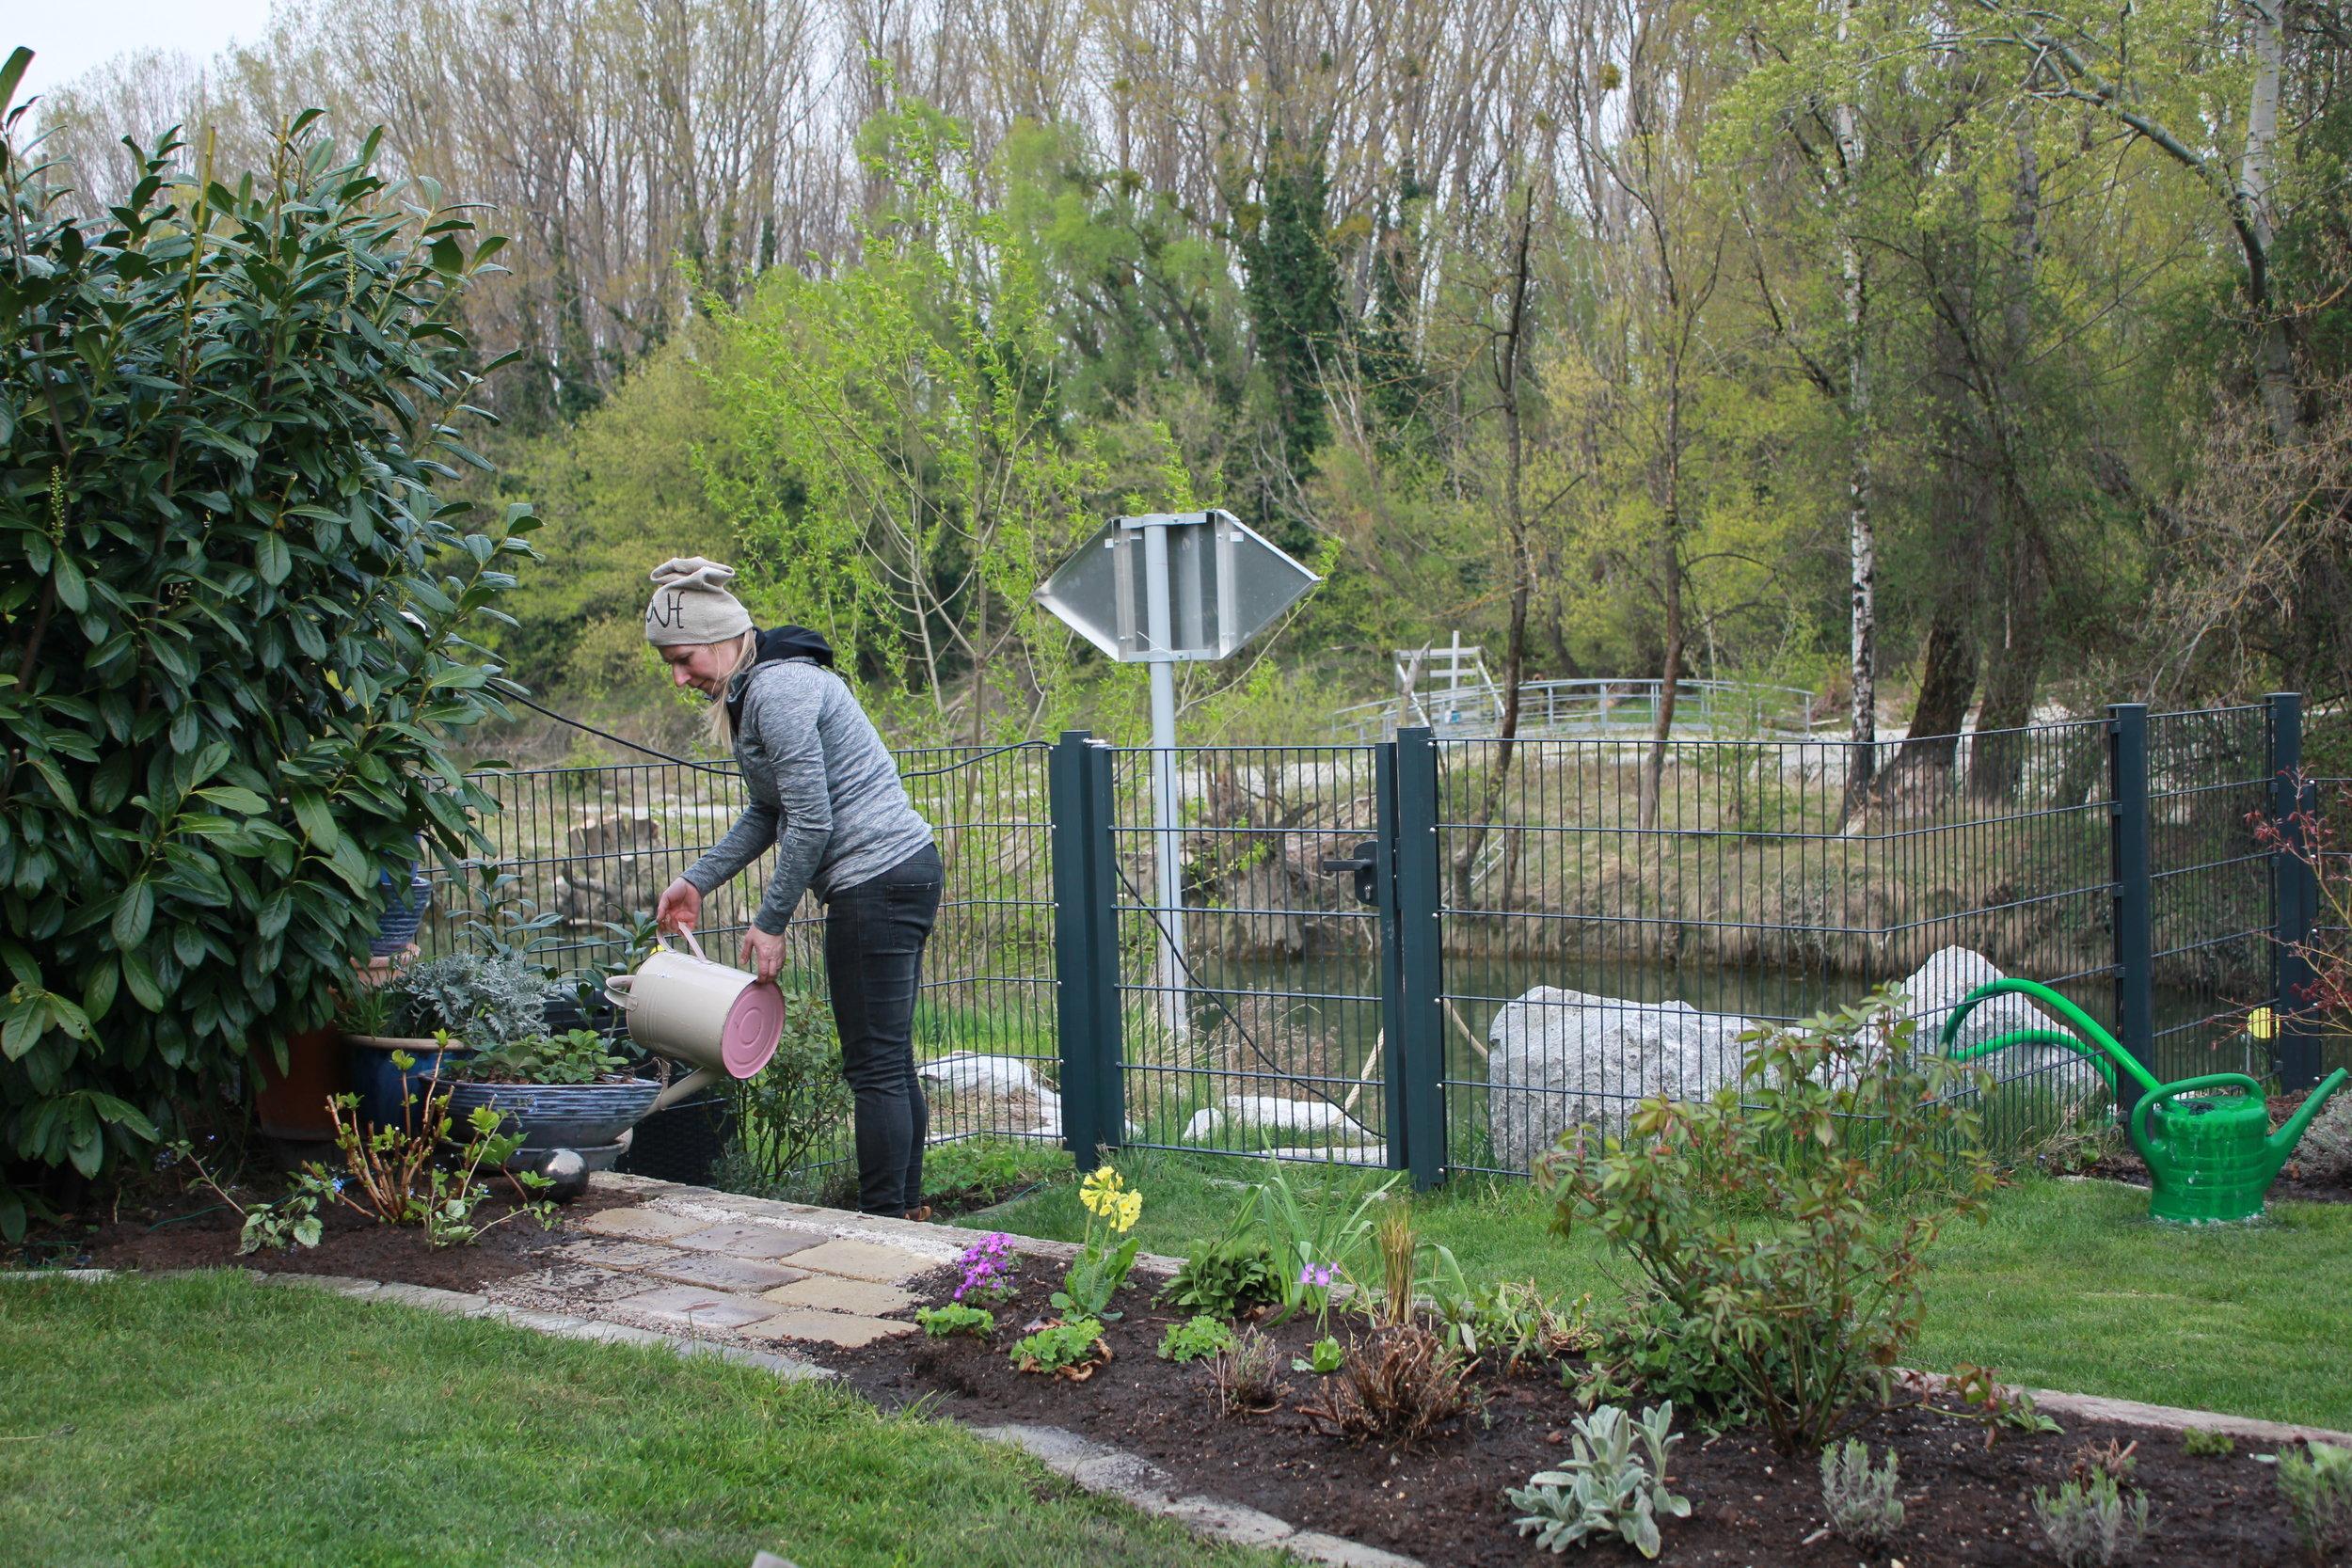 Gartenbegleitung bei der Staudenbeetgestaltung